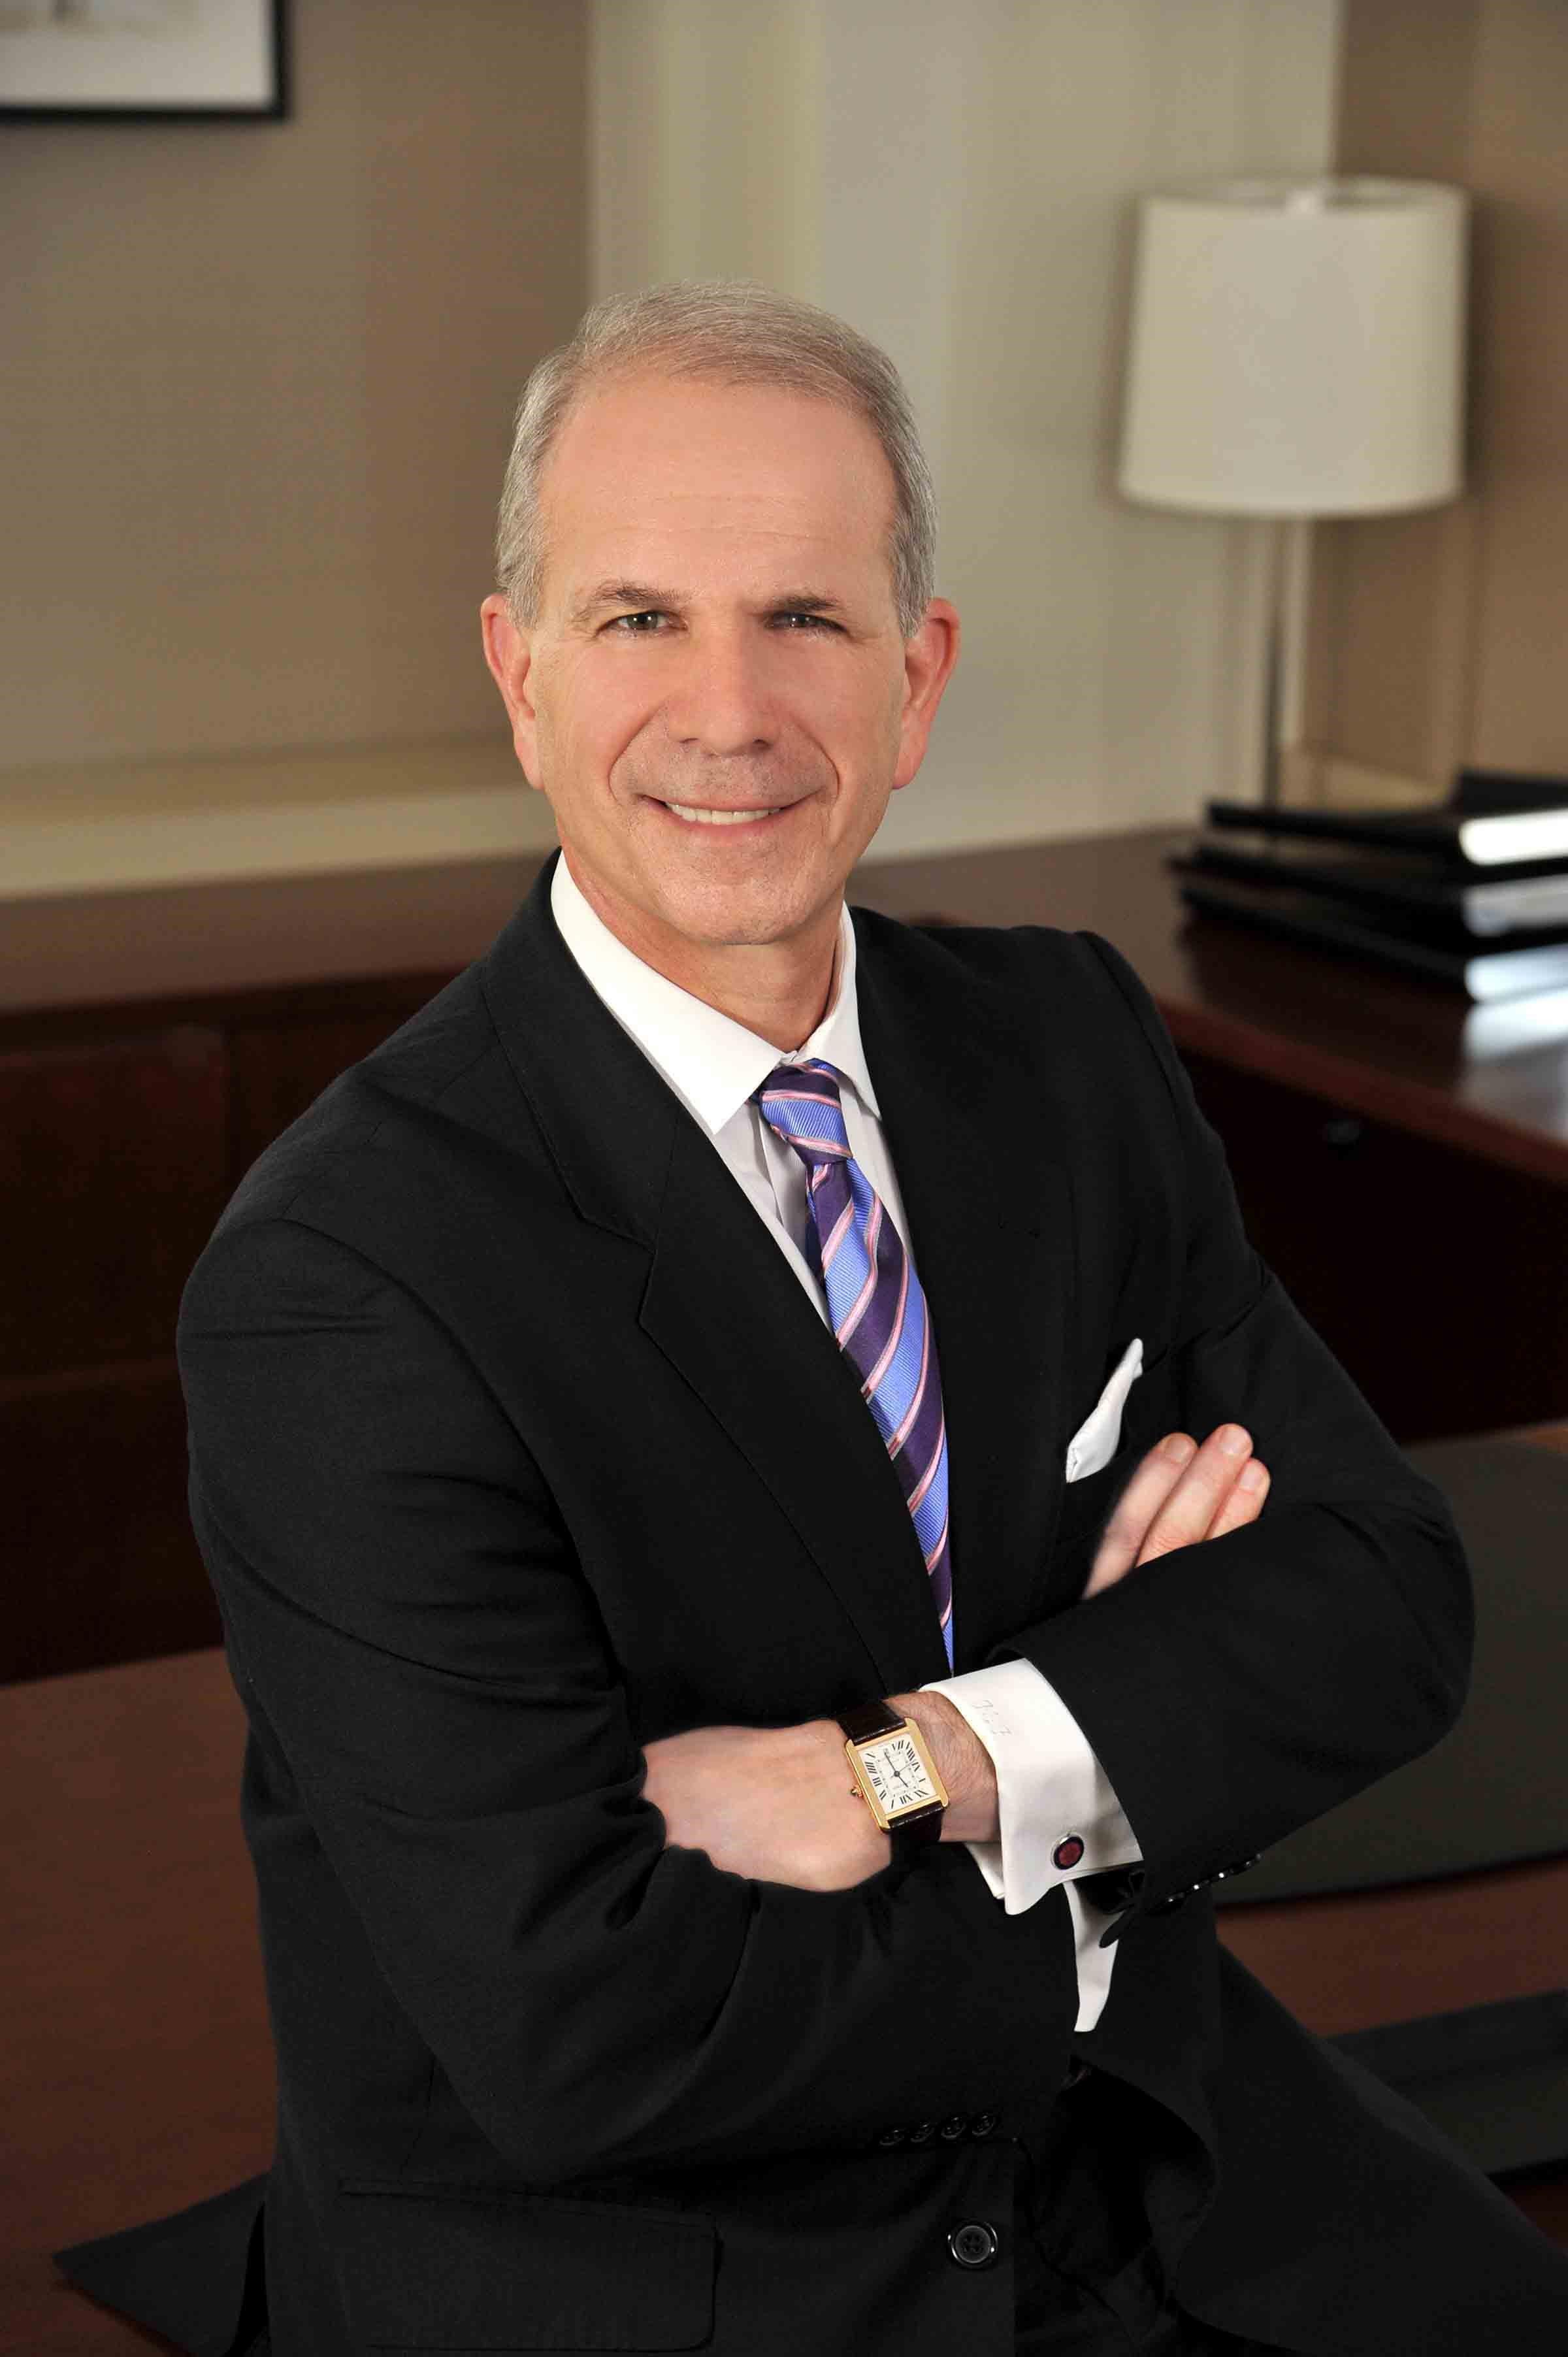 Deloitte CEO Frank Friedman